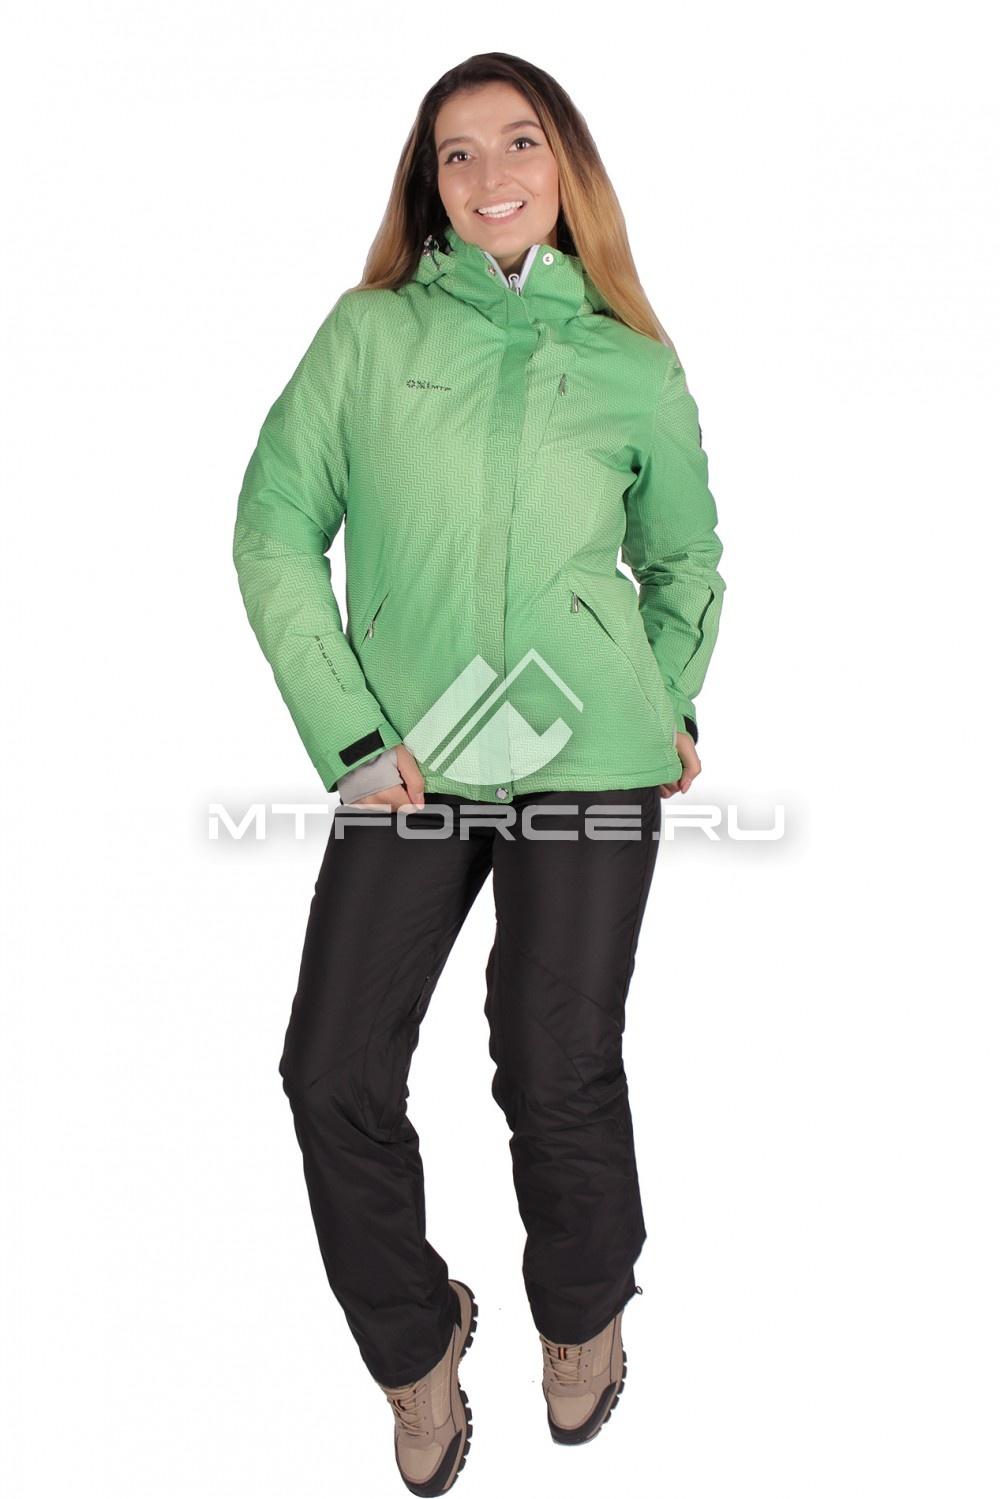 Купить оптом Костюм горнолыжный женский зеленого цвета 01631Z